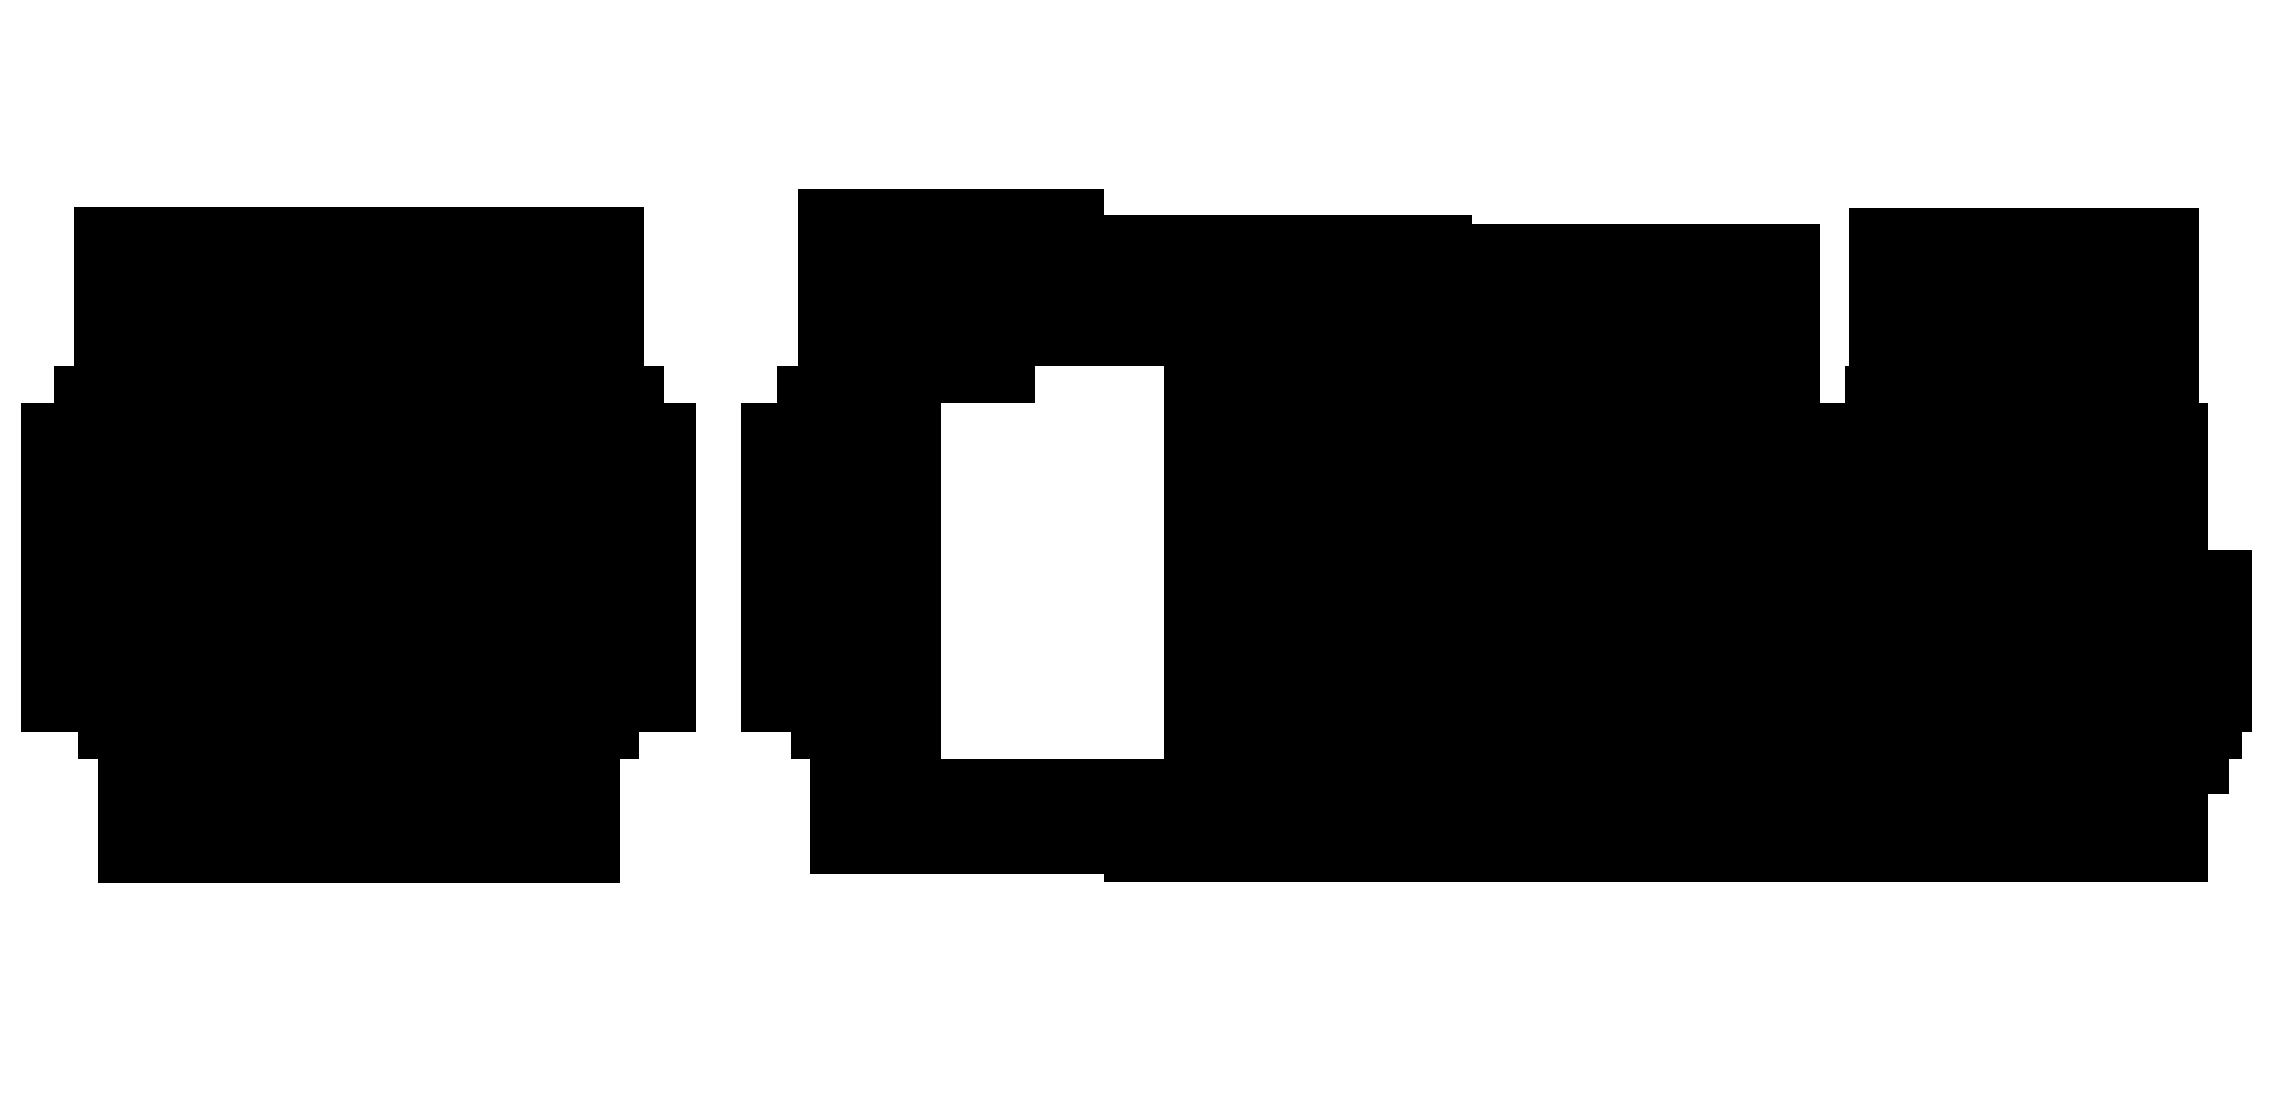 tv-logo1-axia-public-relations